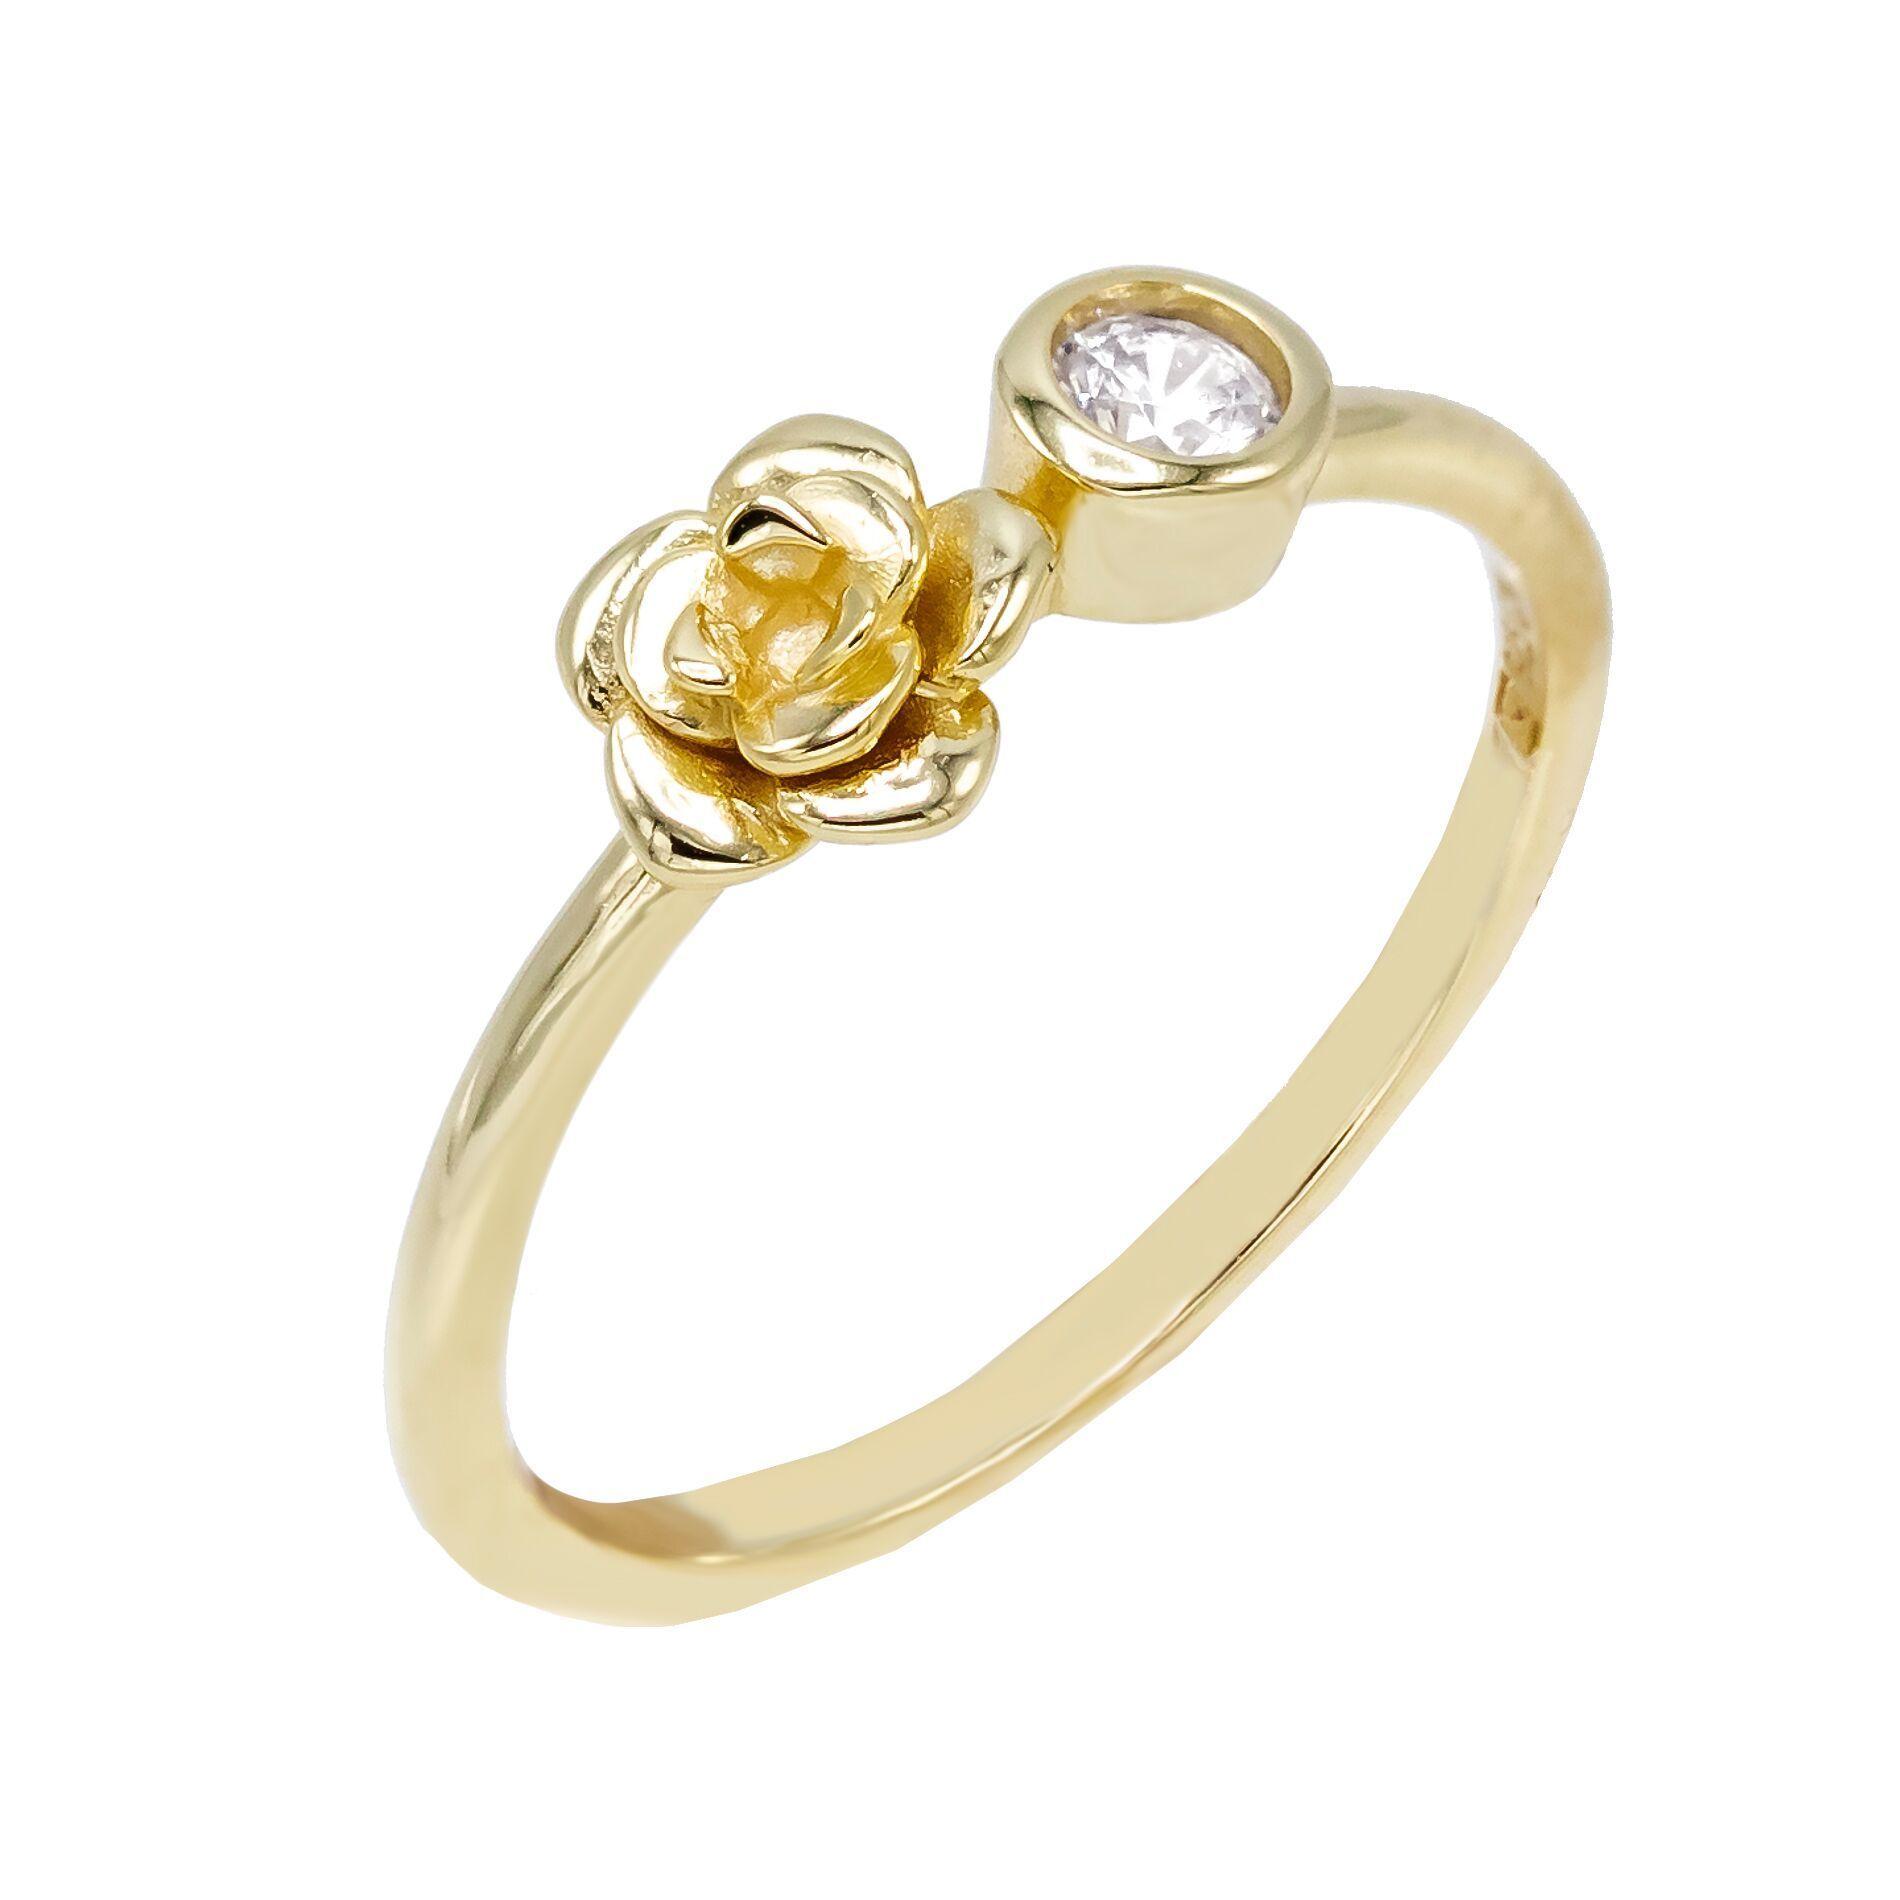 f0766cc02499 Lozrunve Turco De La Joyería De Plata 925 De La Cz Bisel Piedra Forma De  Rosa Anillo De Oro - Buy Anillo De Oro